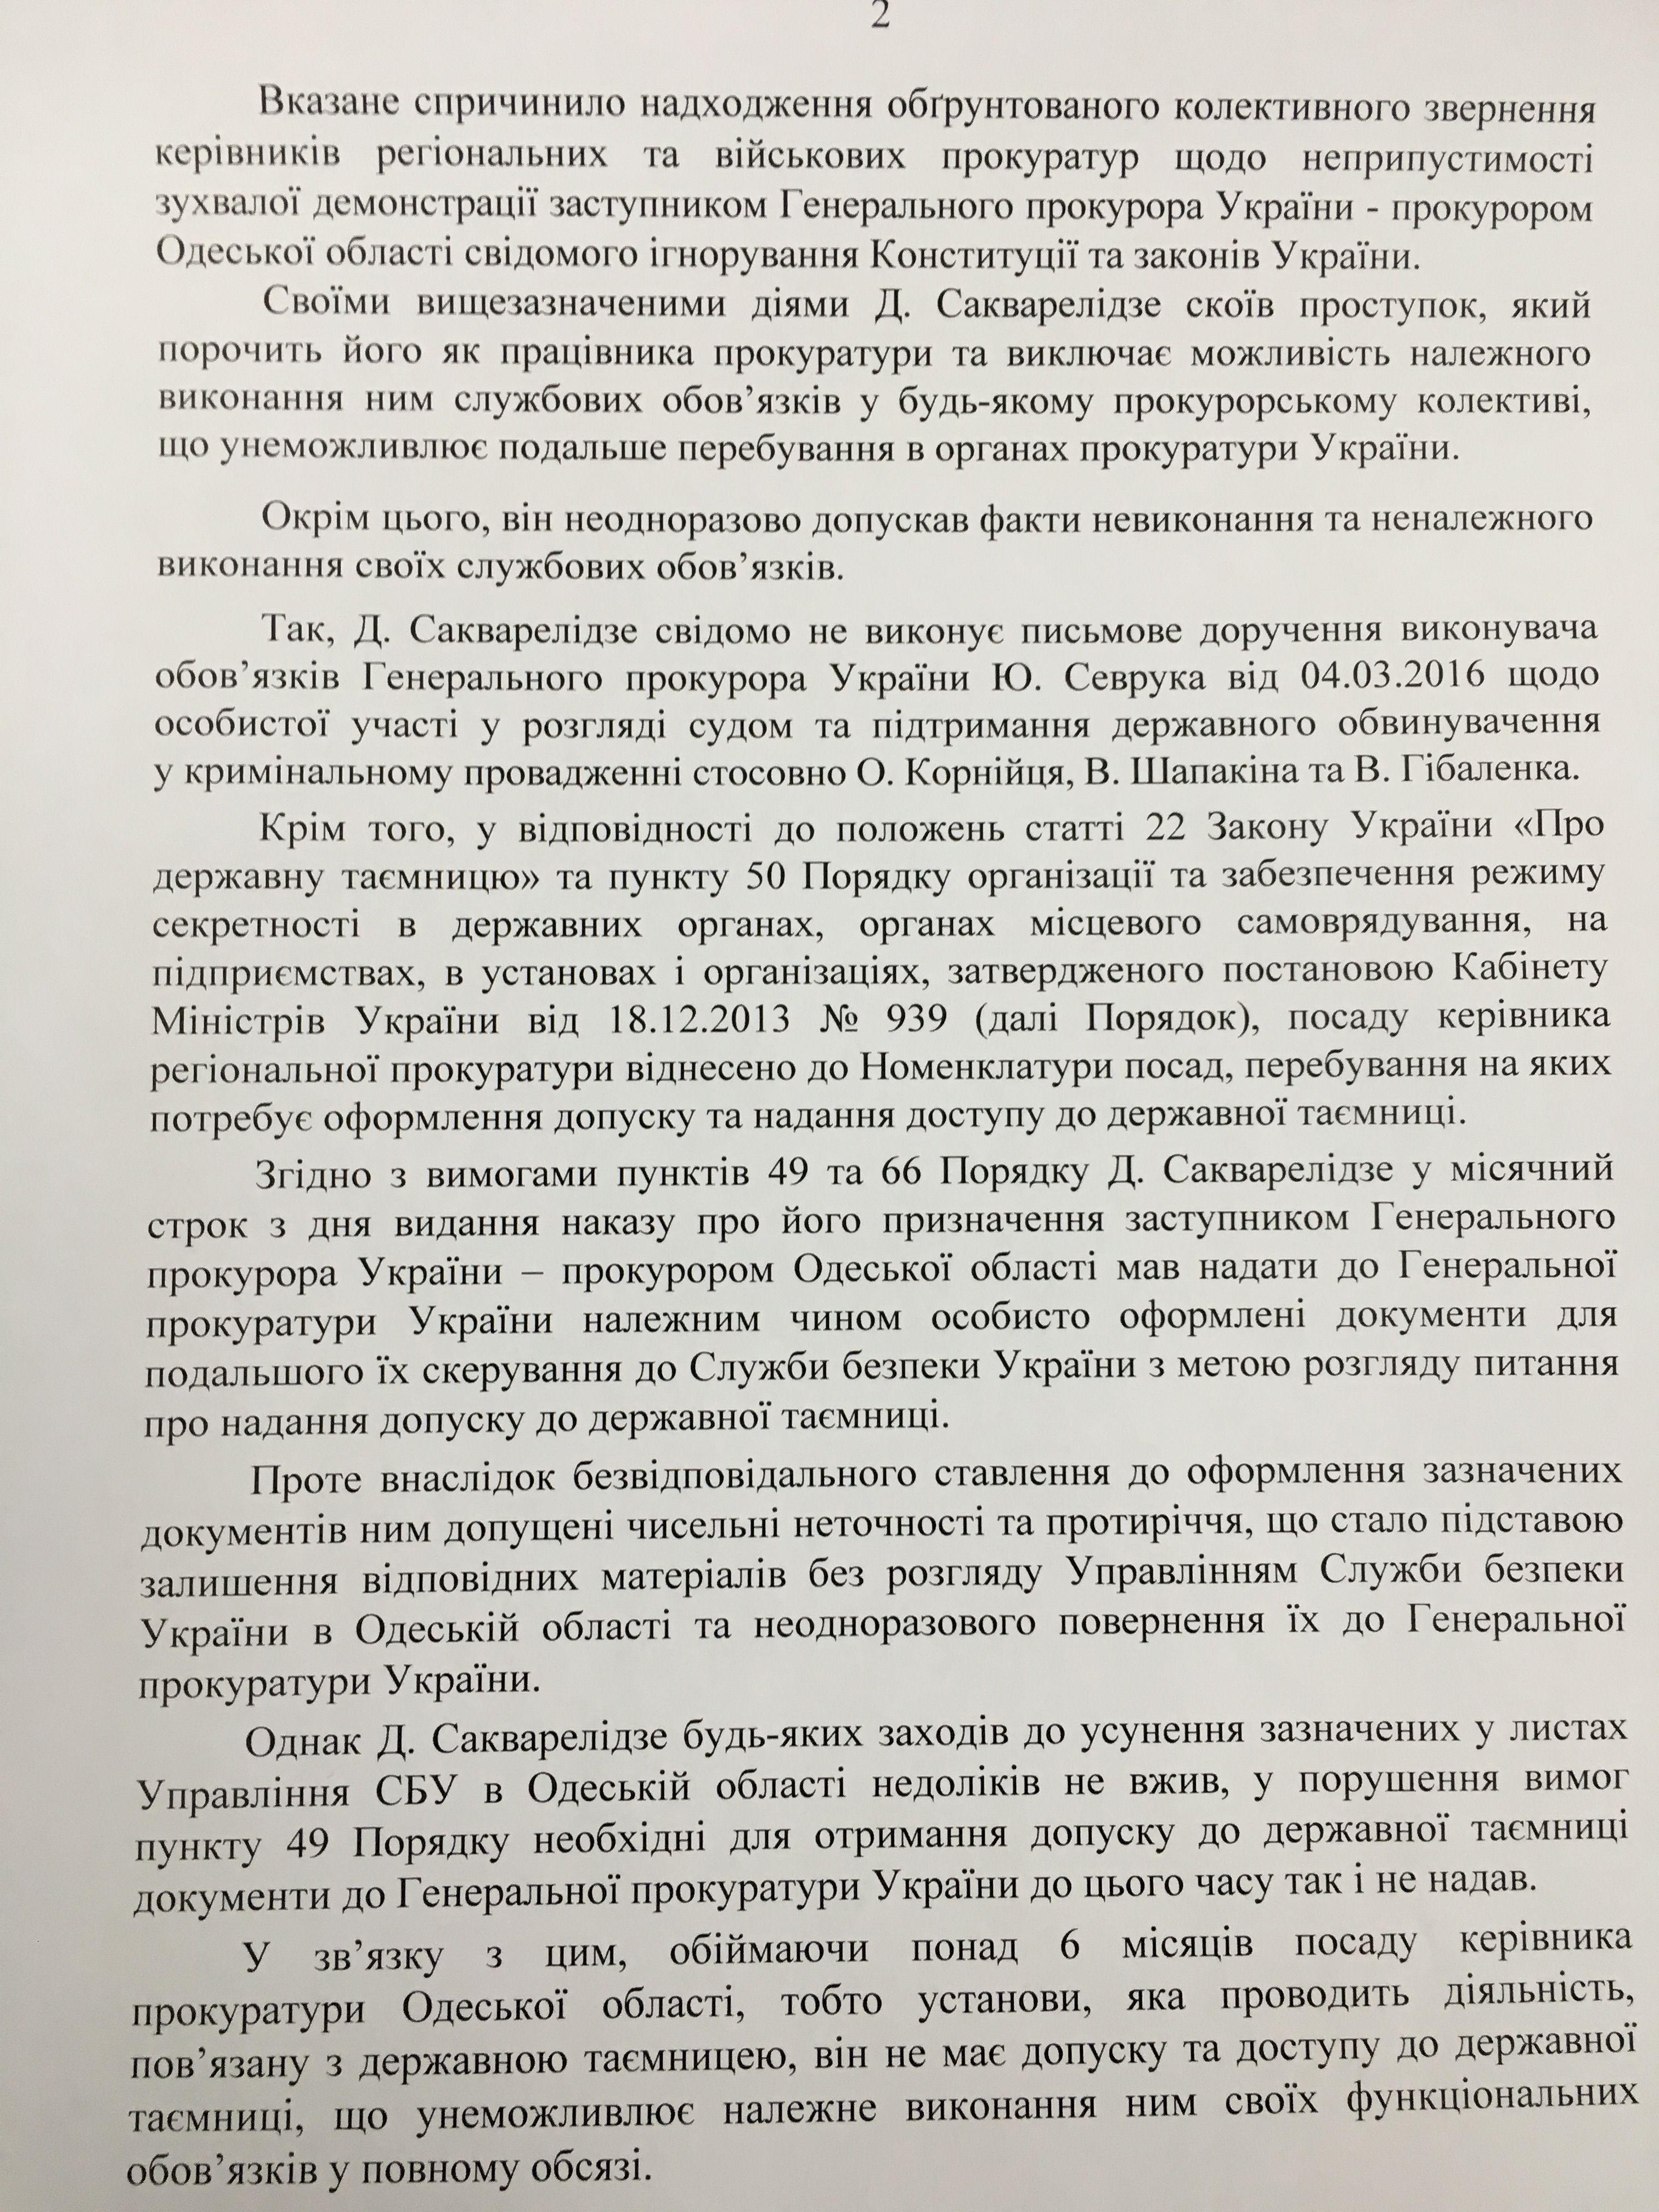 Шокін звільнив Сакваралідзе (ДОКУМЕНТ) - фото 4